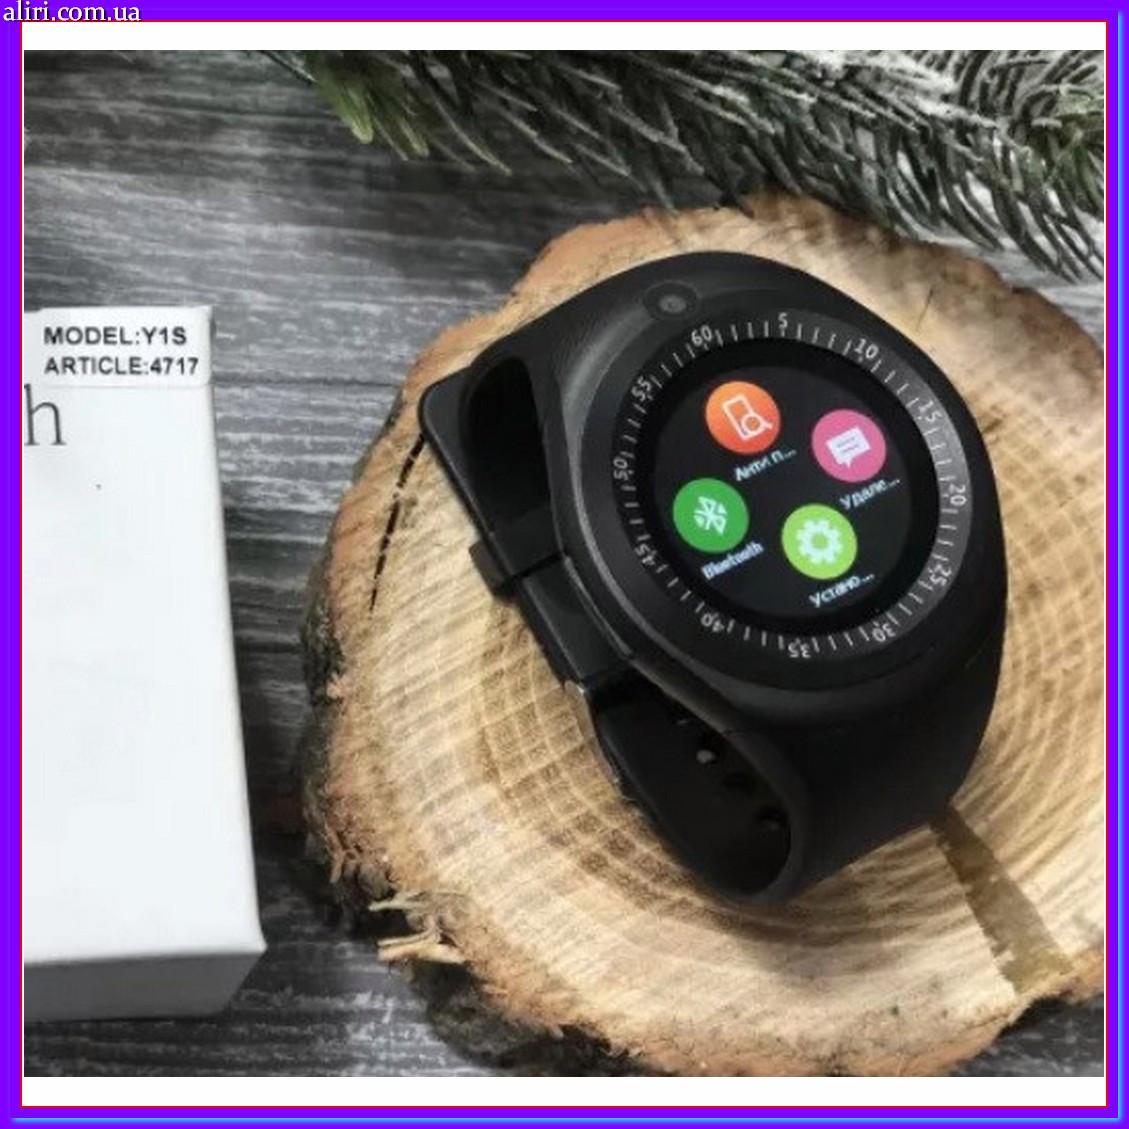 Многофункциональные умные часы Smart Watch Y1S со слотом под SIM карту, смарт часы